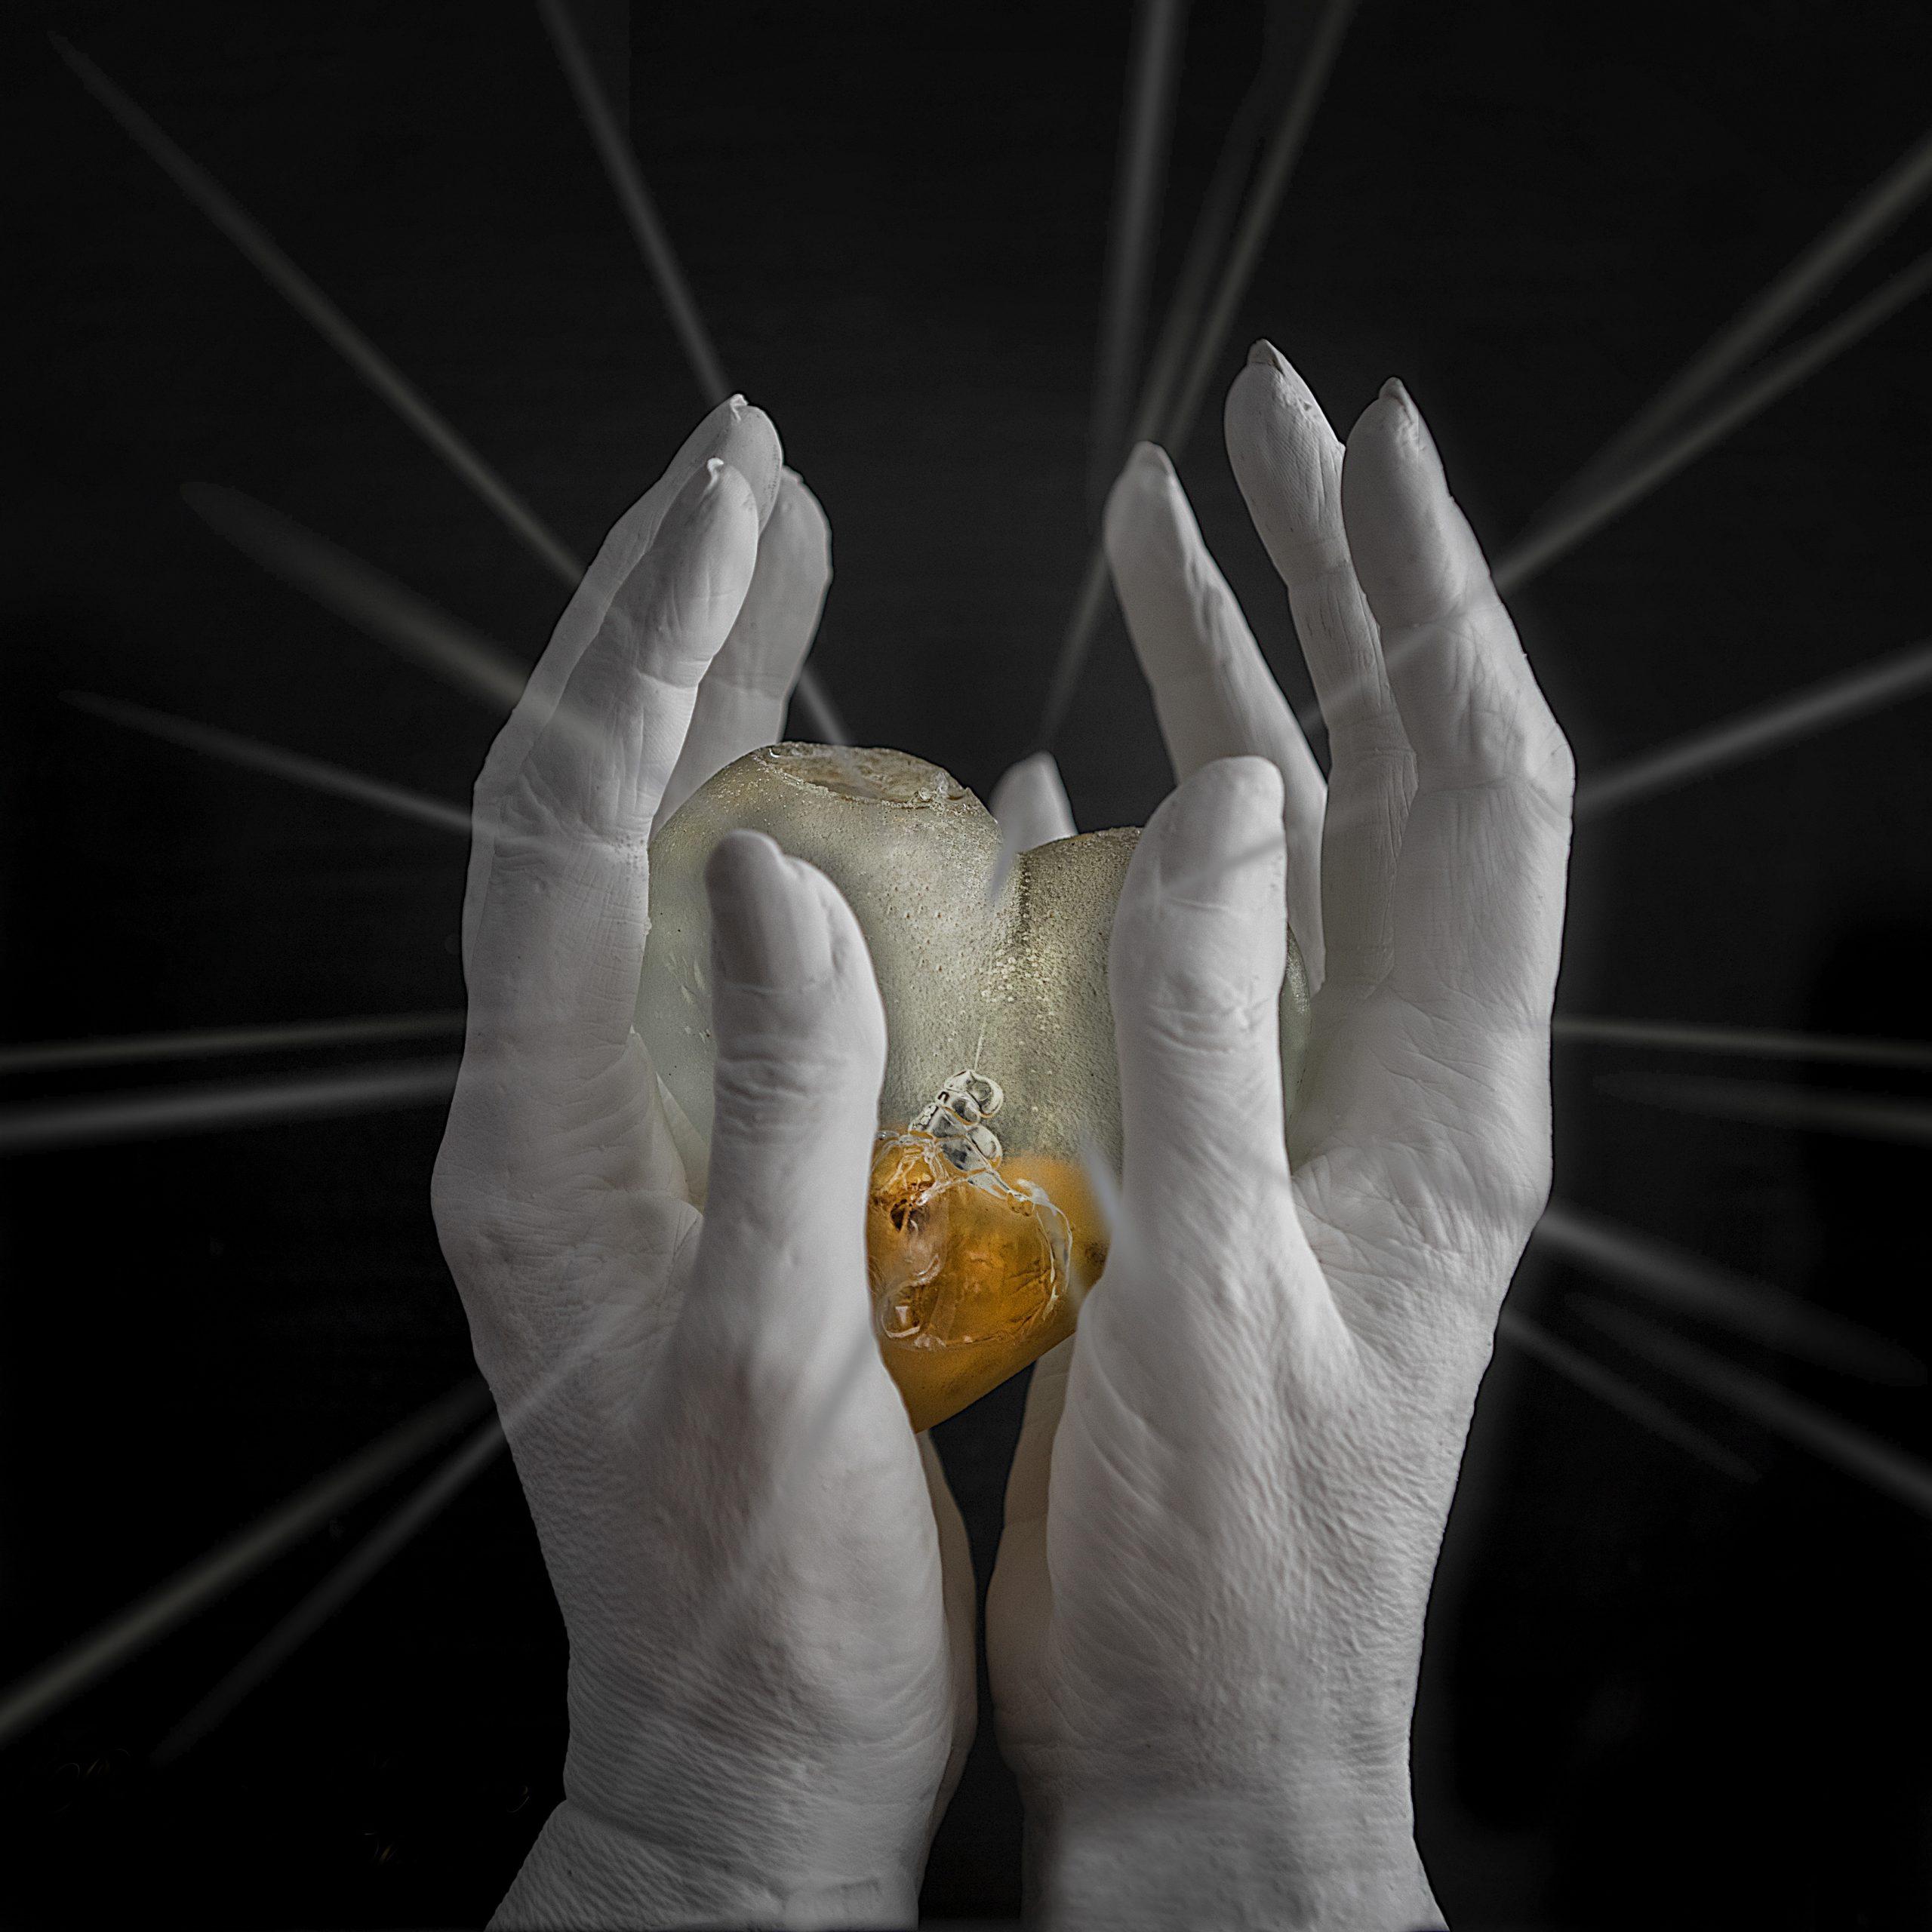 Afscheidsreportage handen en hart